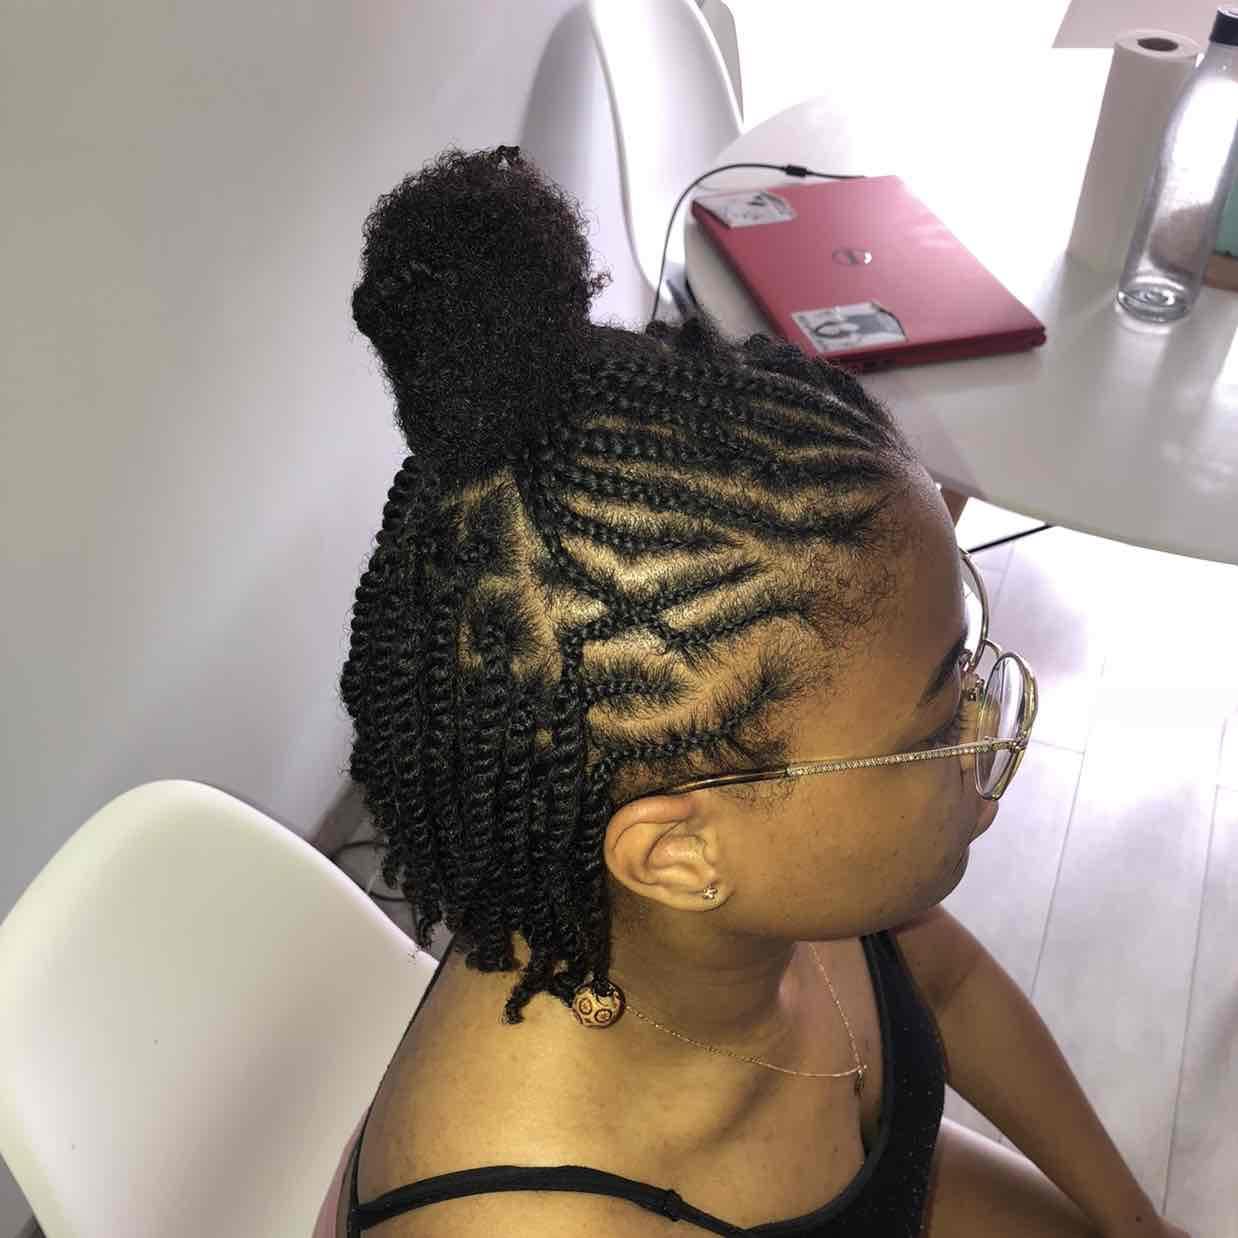 salon de coiffure afro tresse tresses box braids crochet braids vanilles tissages paris 75 77 78 91 92 93 94 95 WGDUTBAX